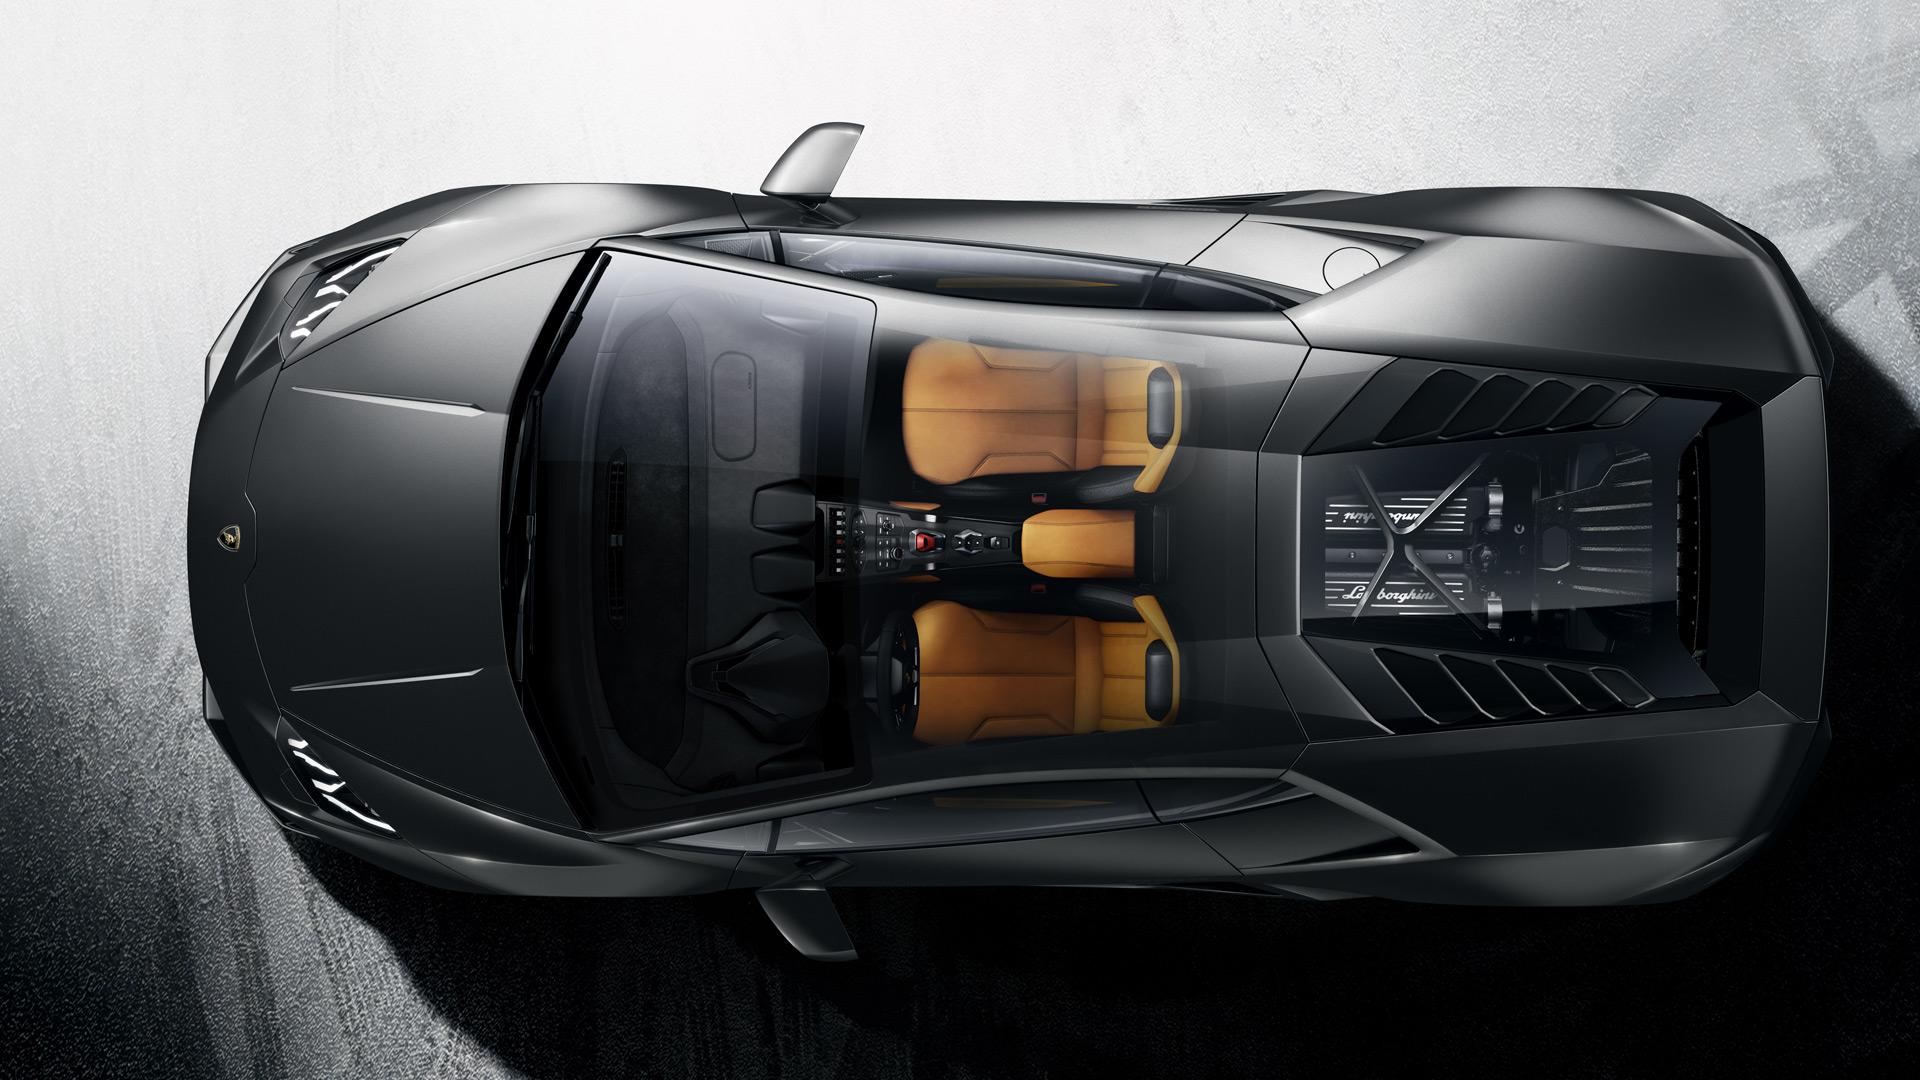 Drive A Lamborghini Huracan In Las Vegas Lamborghini Driving Experience Speedvegas